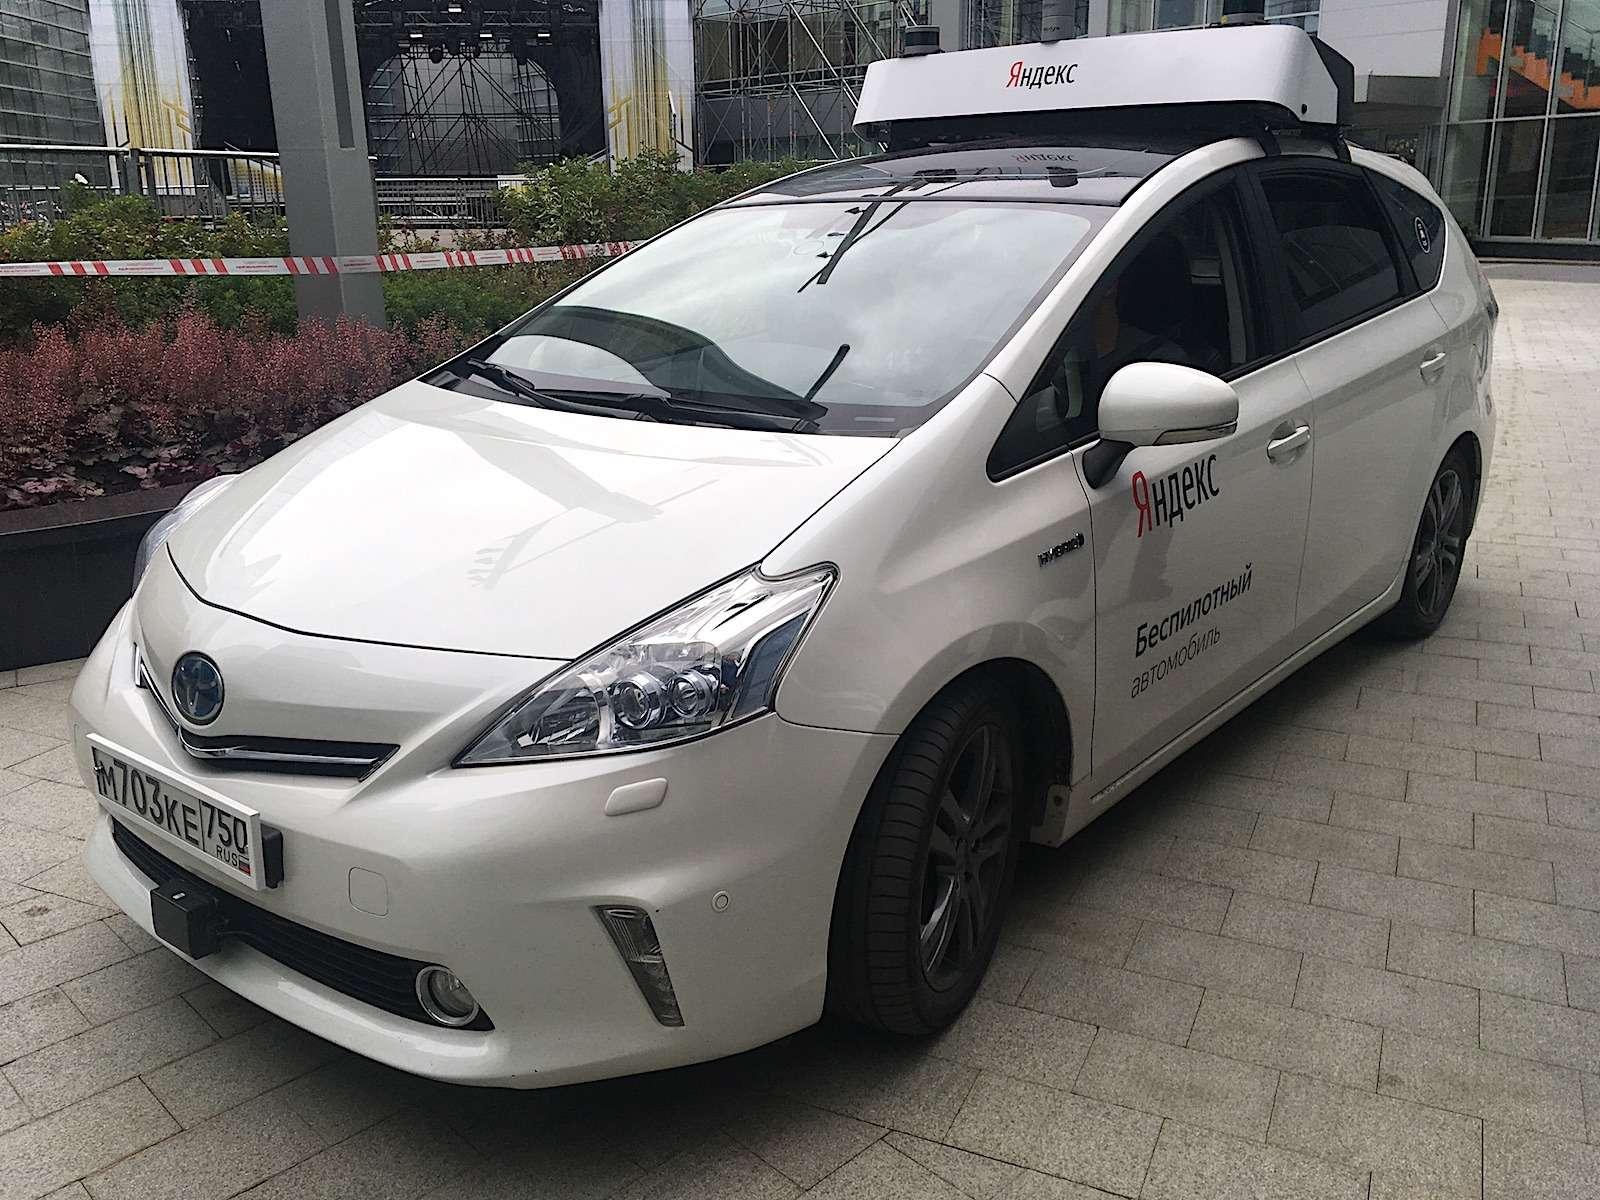 Сервисы Яндекса скоро будут вбольшинстве автомобилей— фото 796422